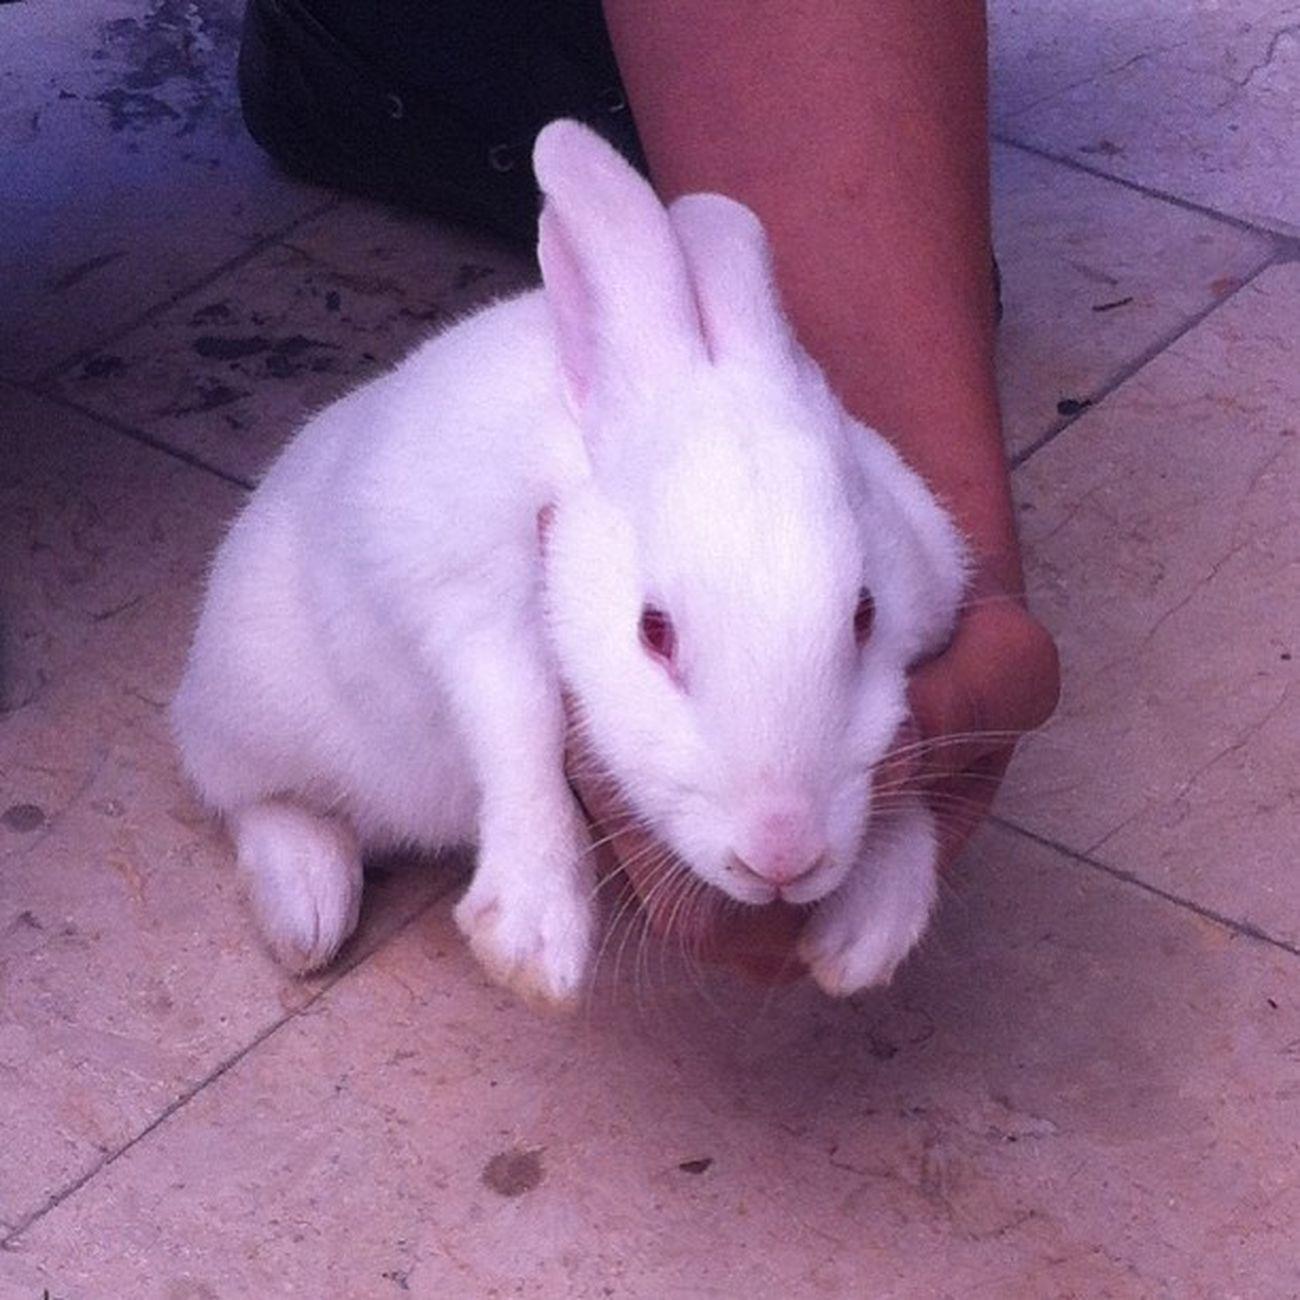 Şirketten Ömer'in Tavşan lari Animal Hayvan Rabbit bunny bun istanbul